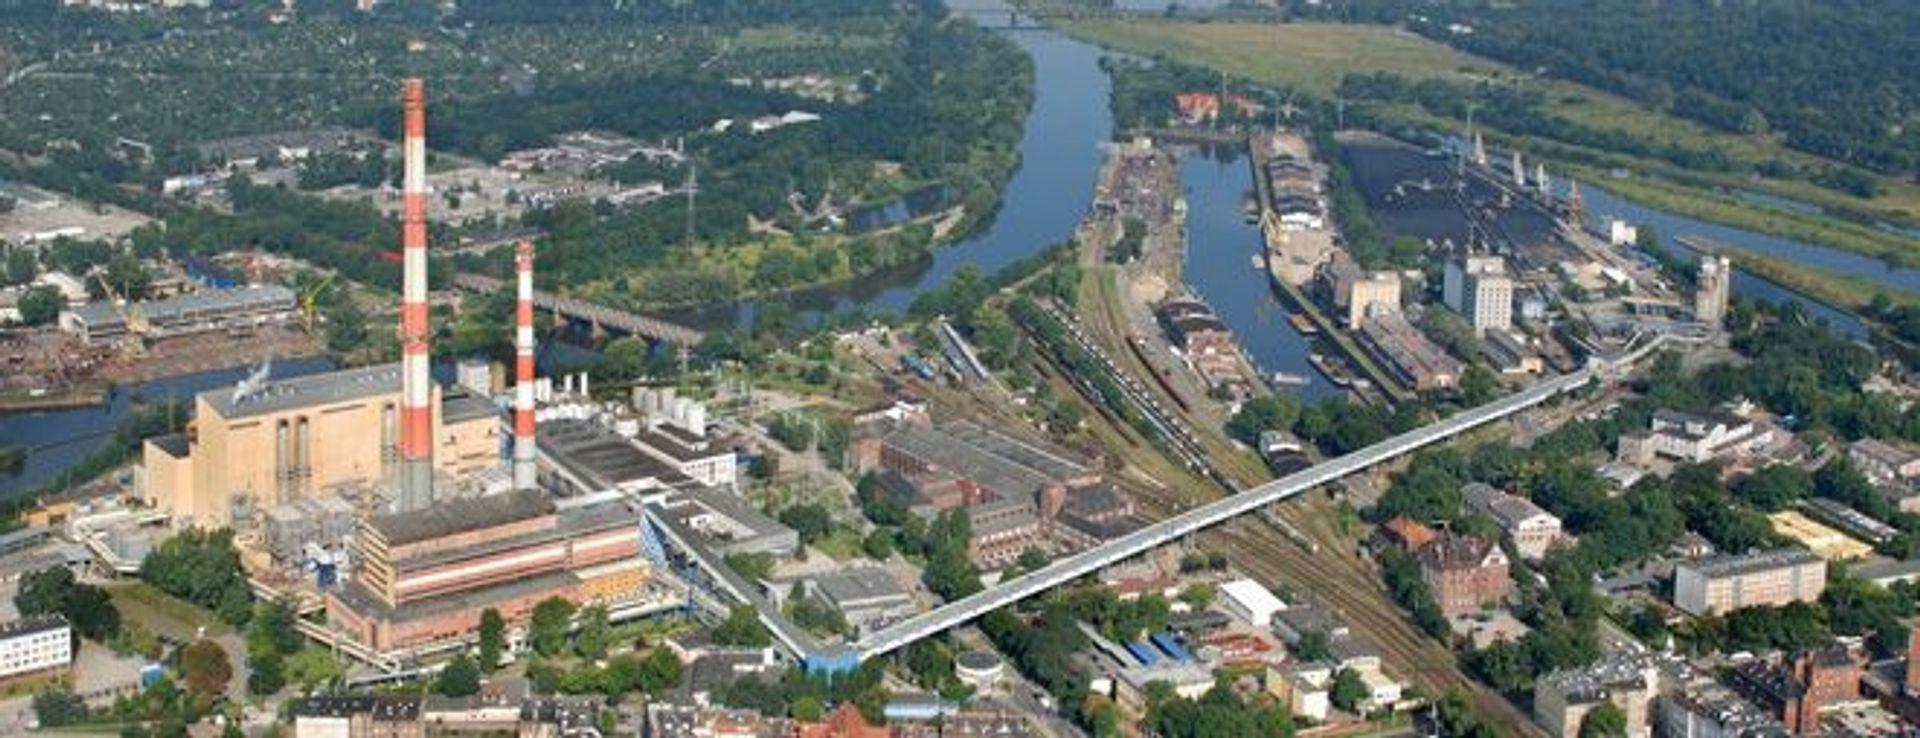 [Wrocław] Jest umowa, dzięki której poprawi się jakość powietrza we Wrocławiu